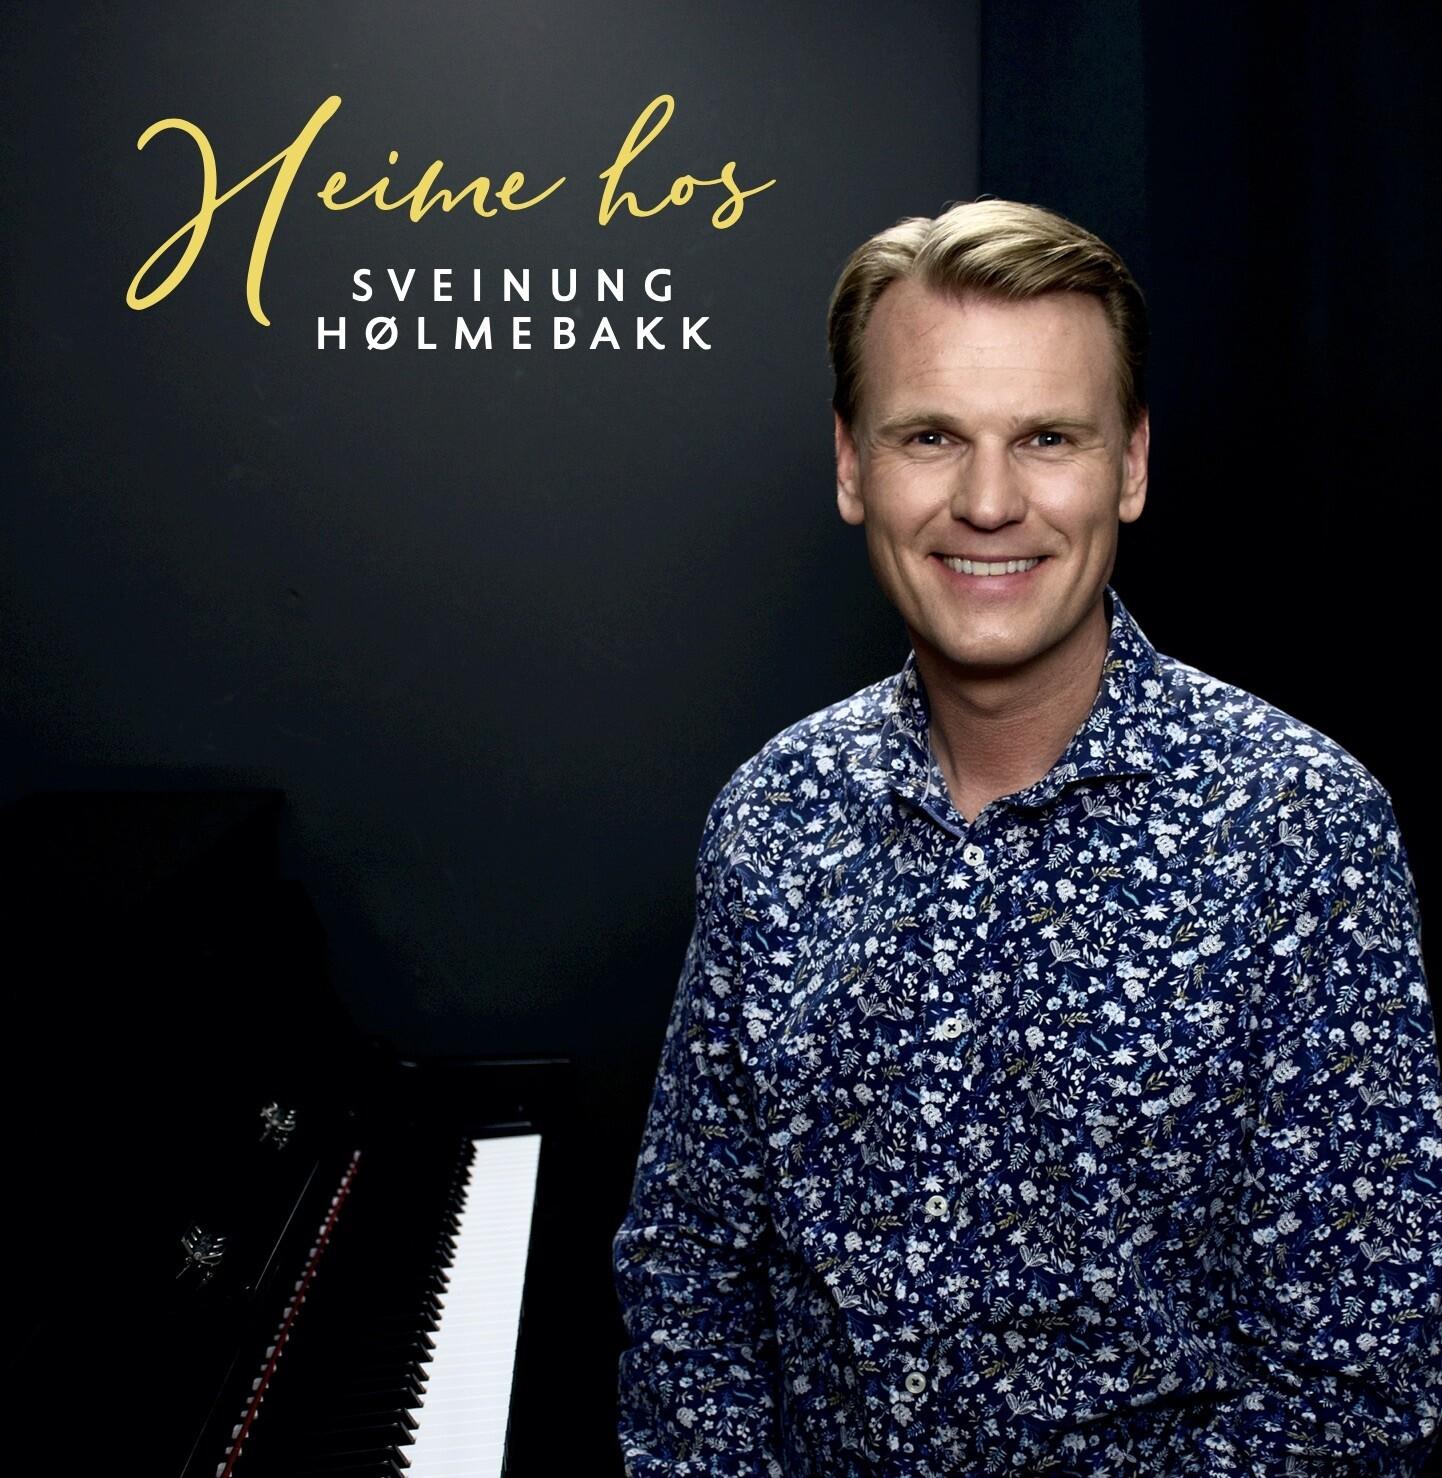 Heime hos Sveinung Hølmebakk (NY CD 2020!)